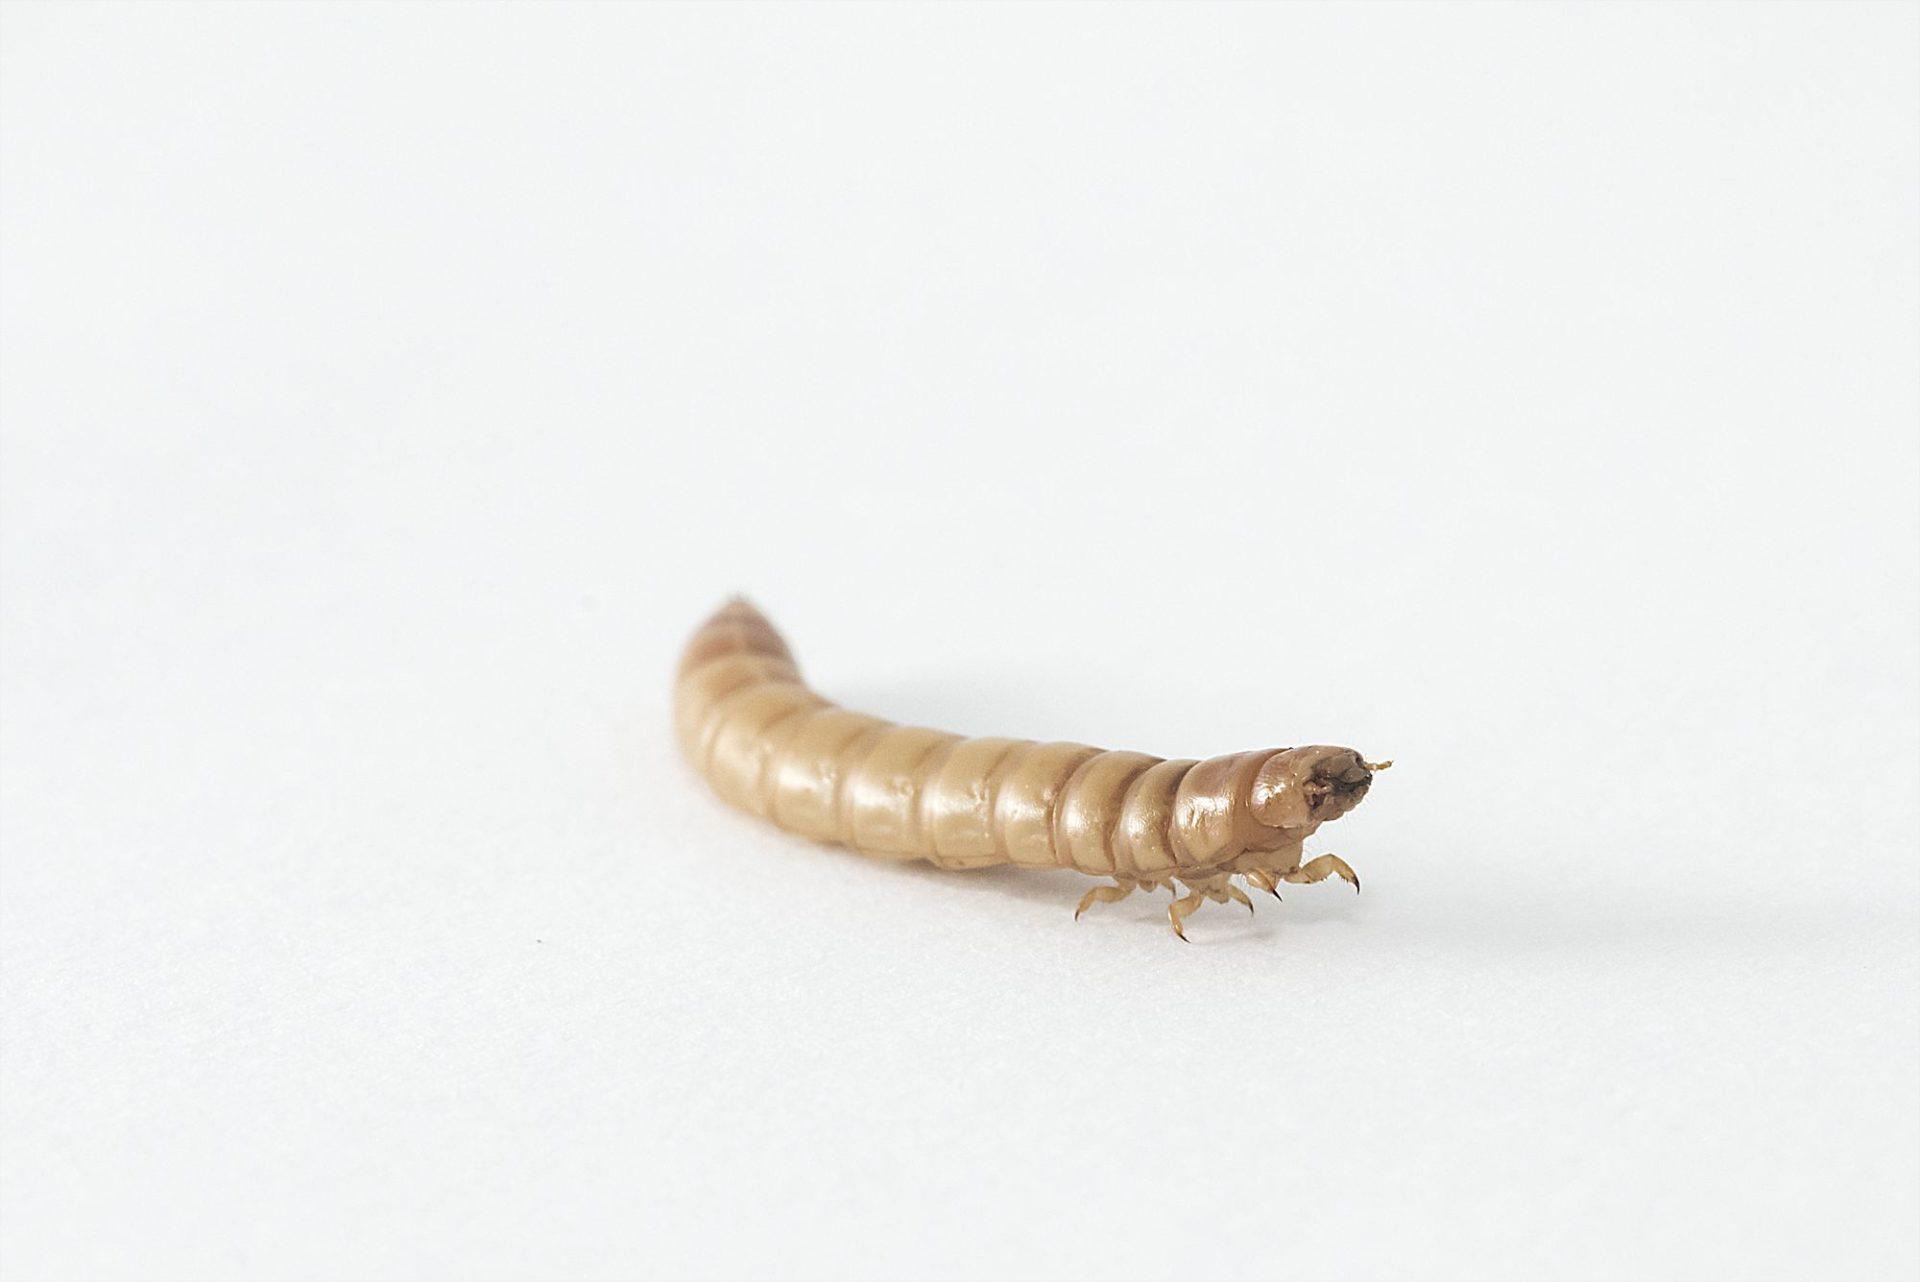 Wadudu's insecten leveren onderzoek, advies en geld op